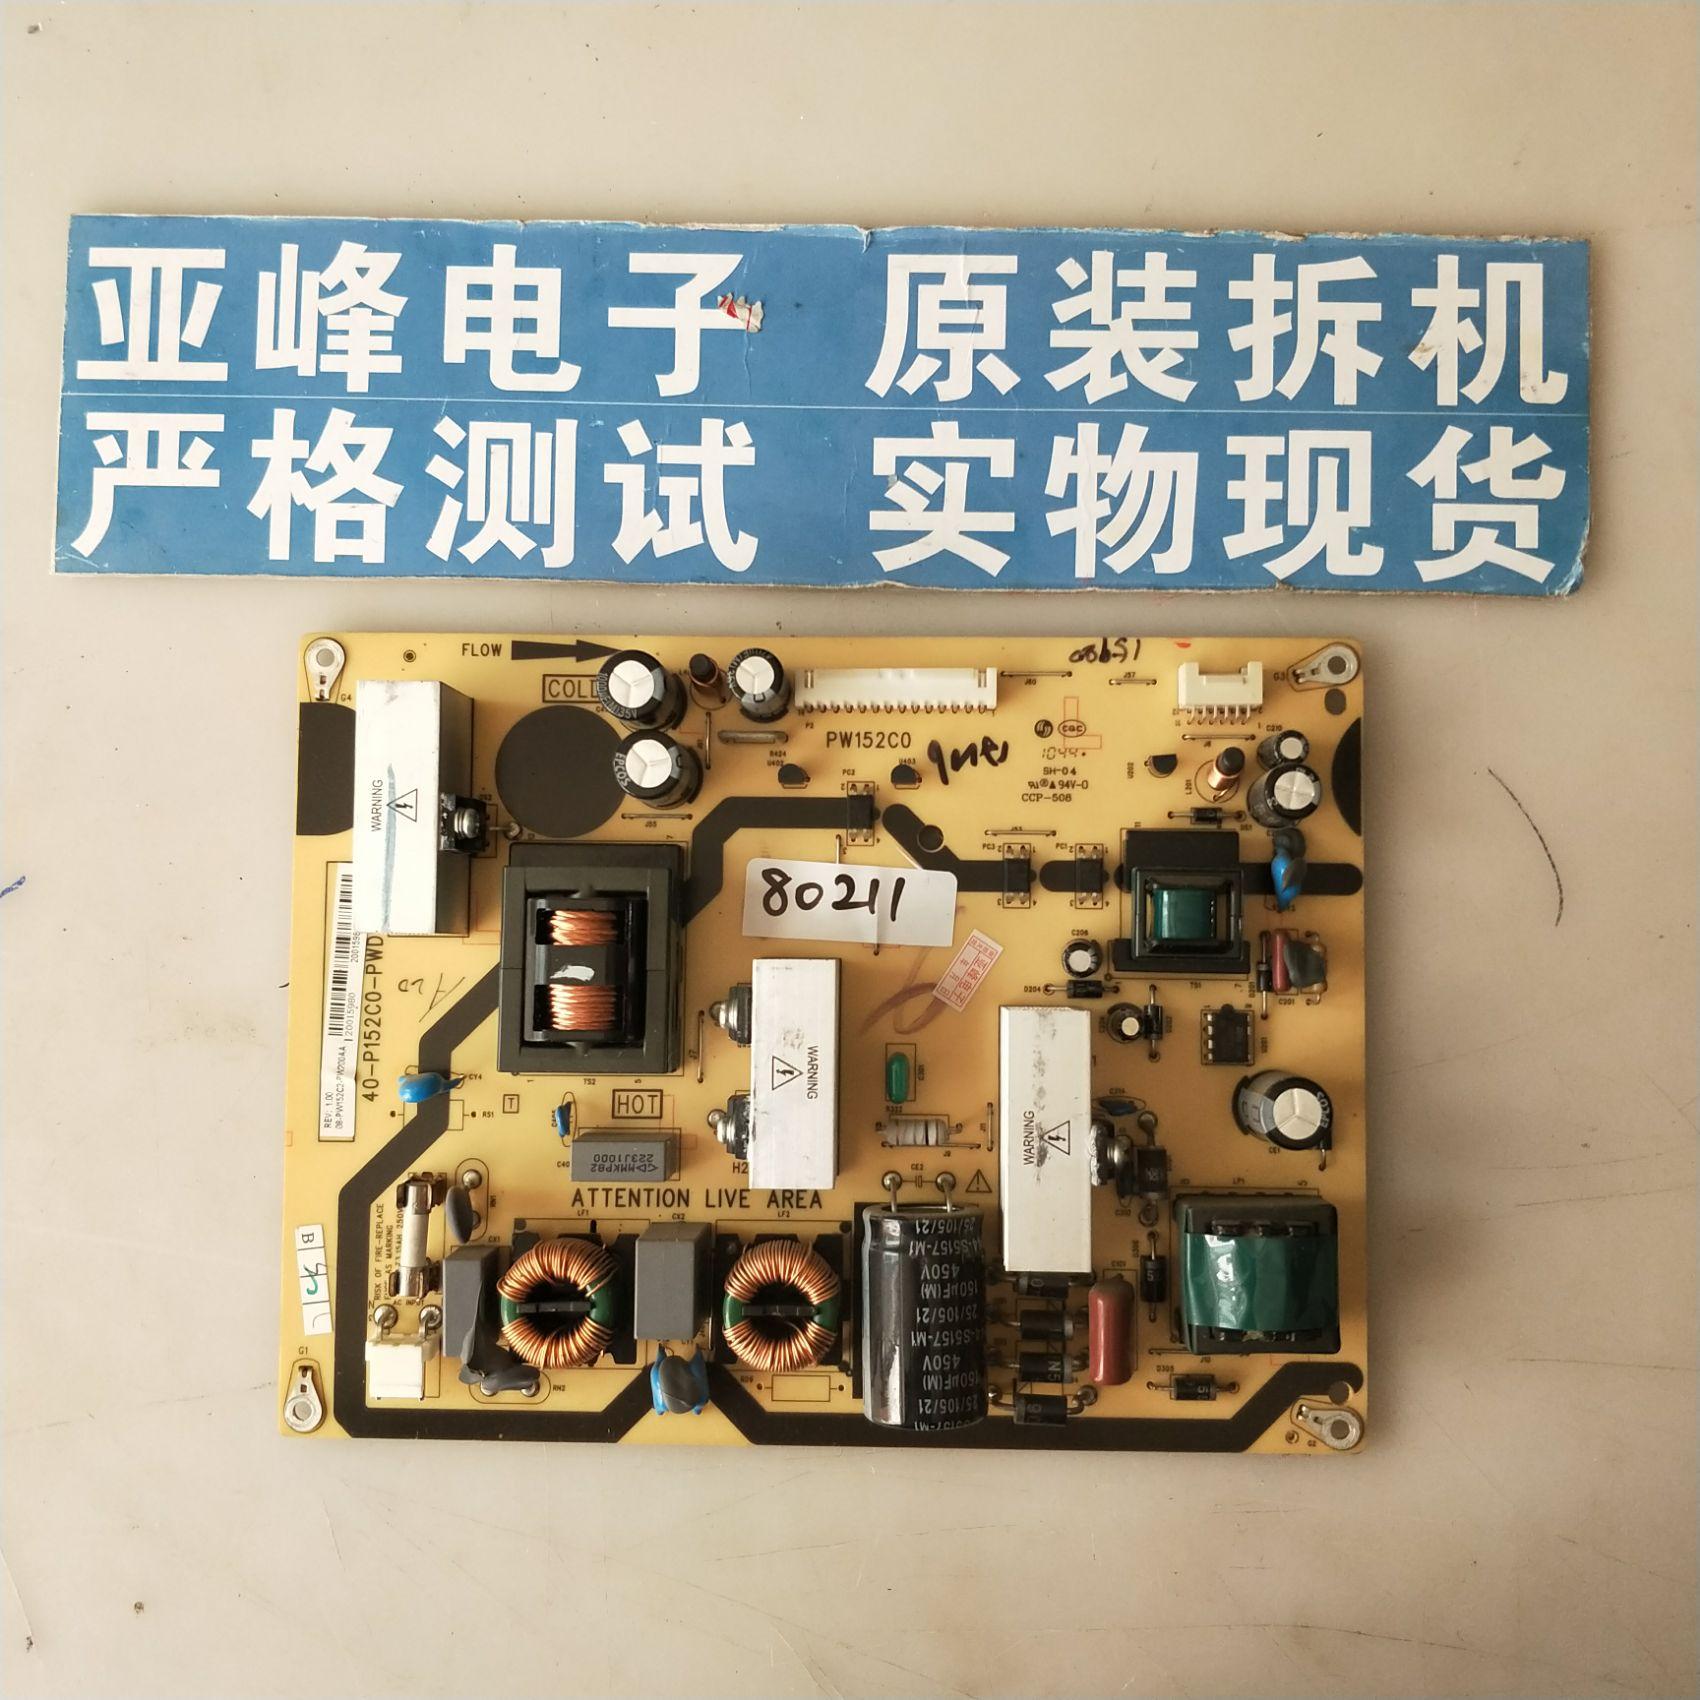 ปัญหาเดิม TCLL32F11 ทีวี LCD แผงพลังงาน 40-P152C0-PWG1XGPW152C0